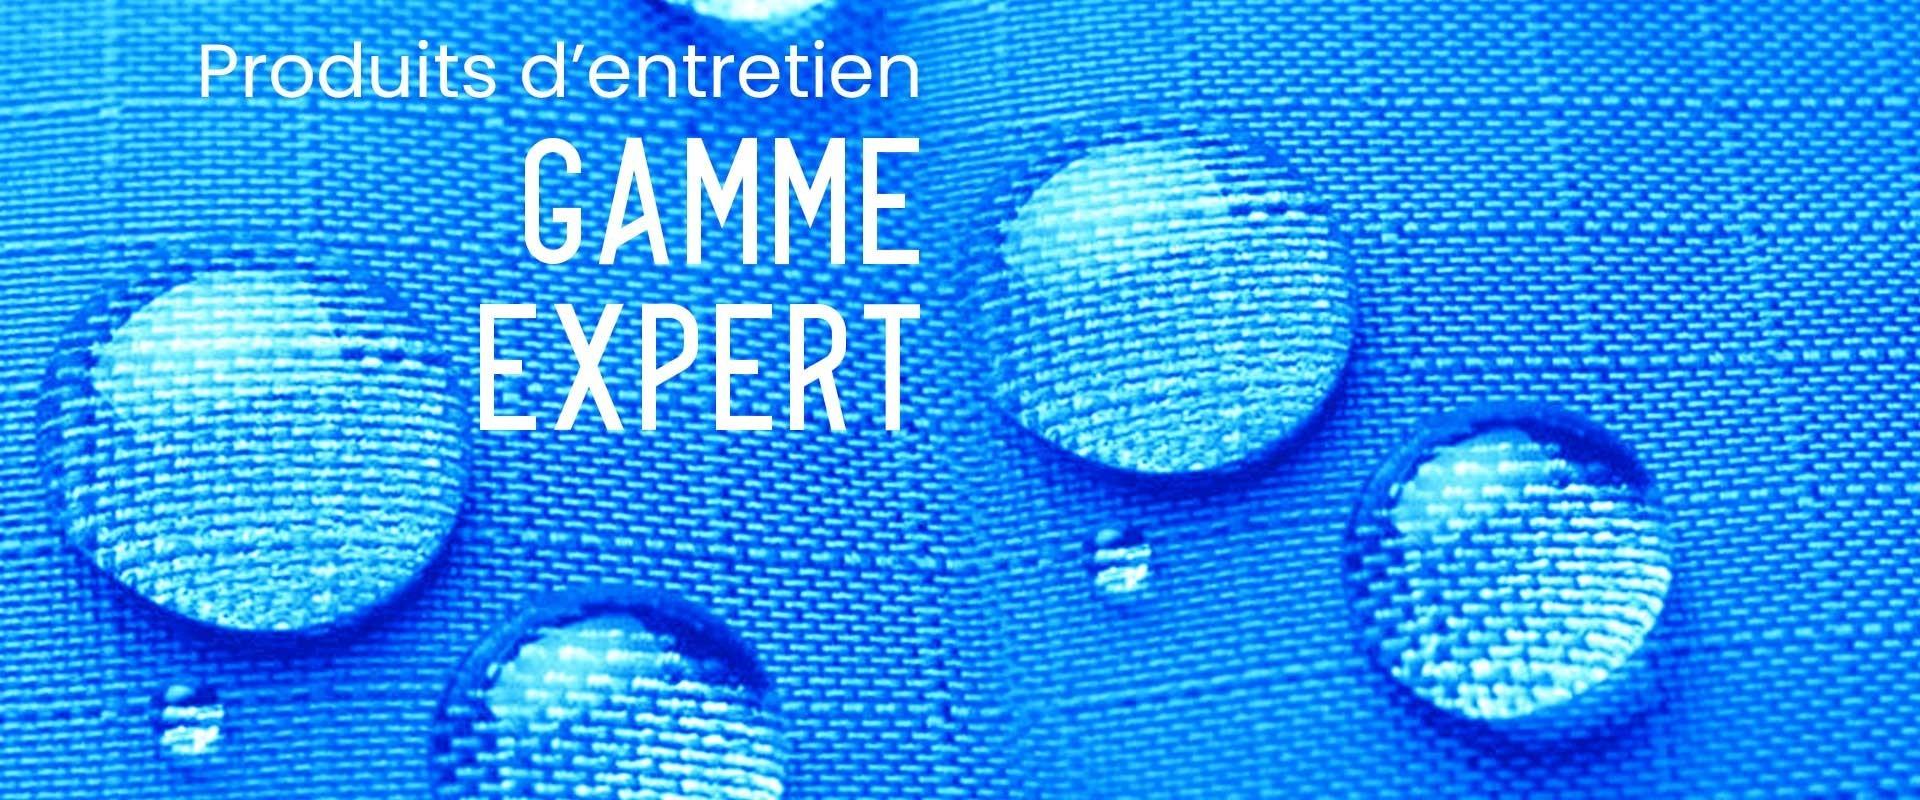 Produits d'entretien textile Gamme Expert